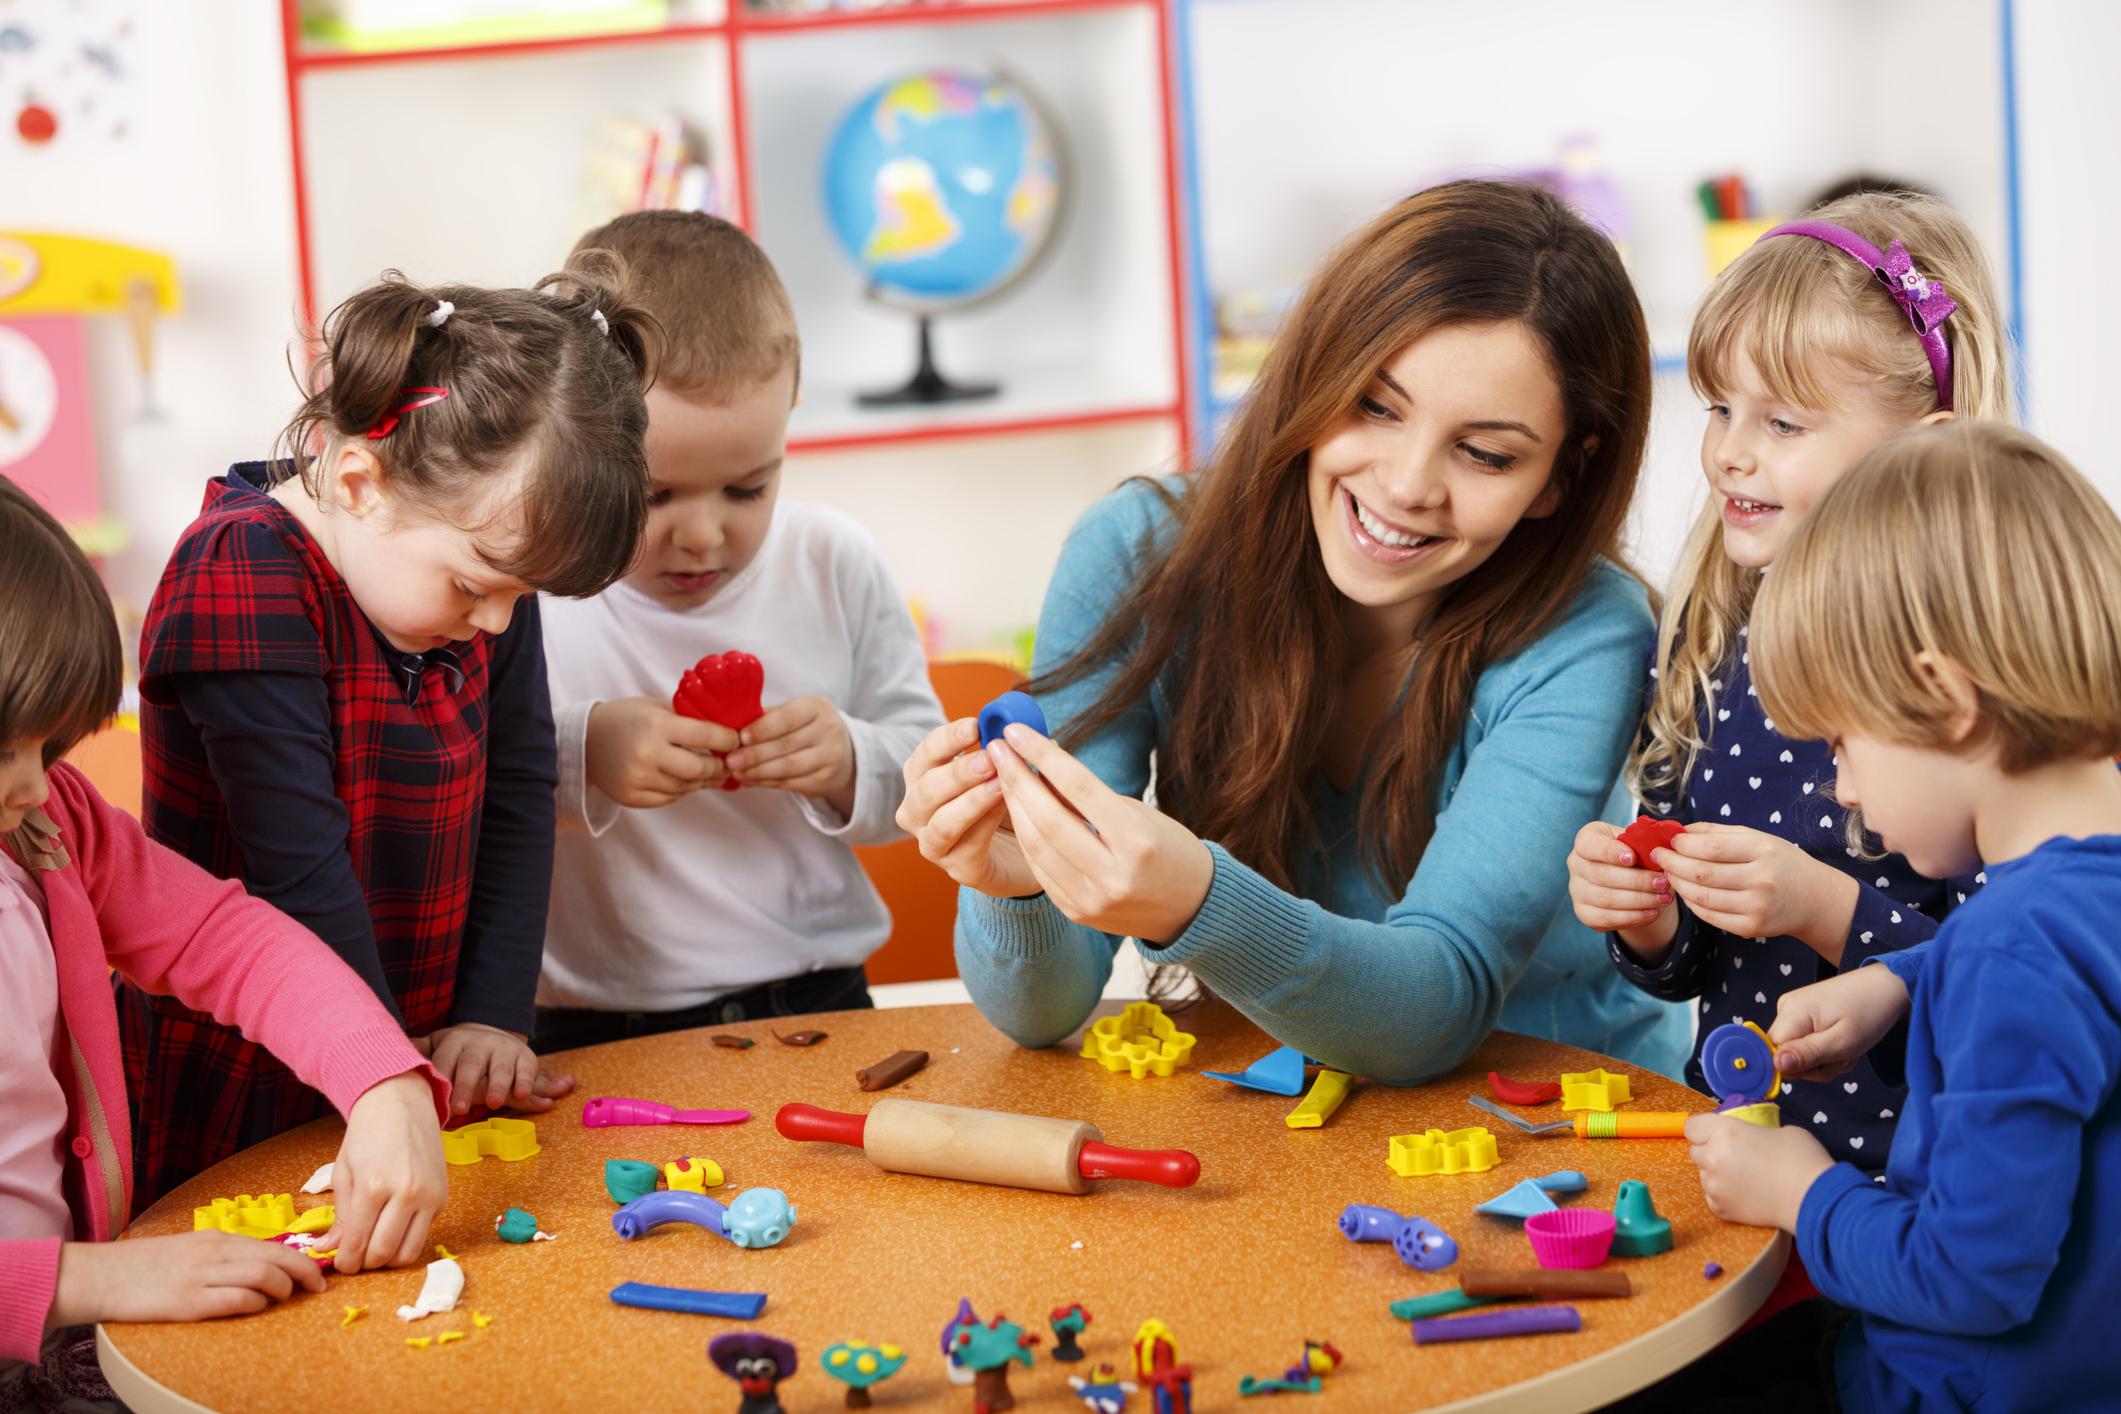 art classes for kids - HD1200×800